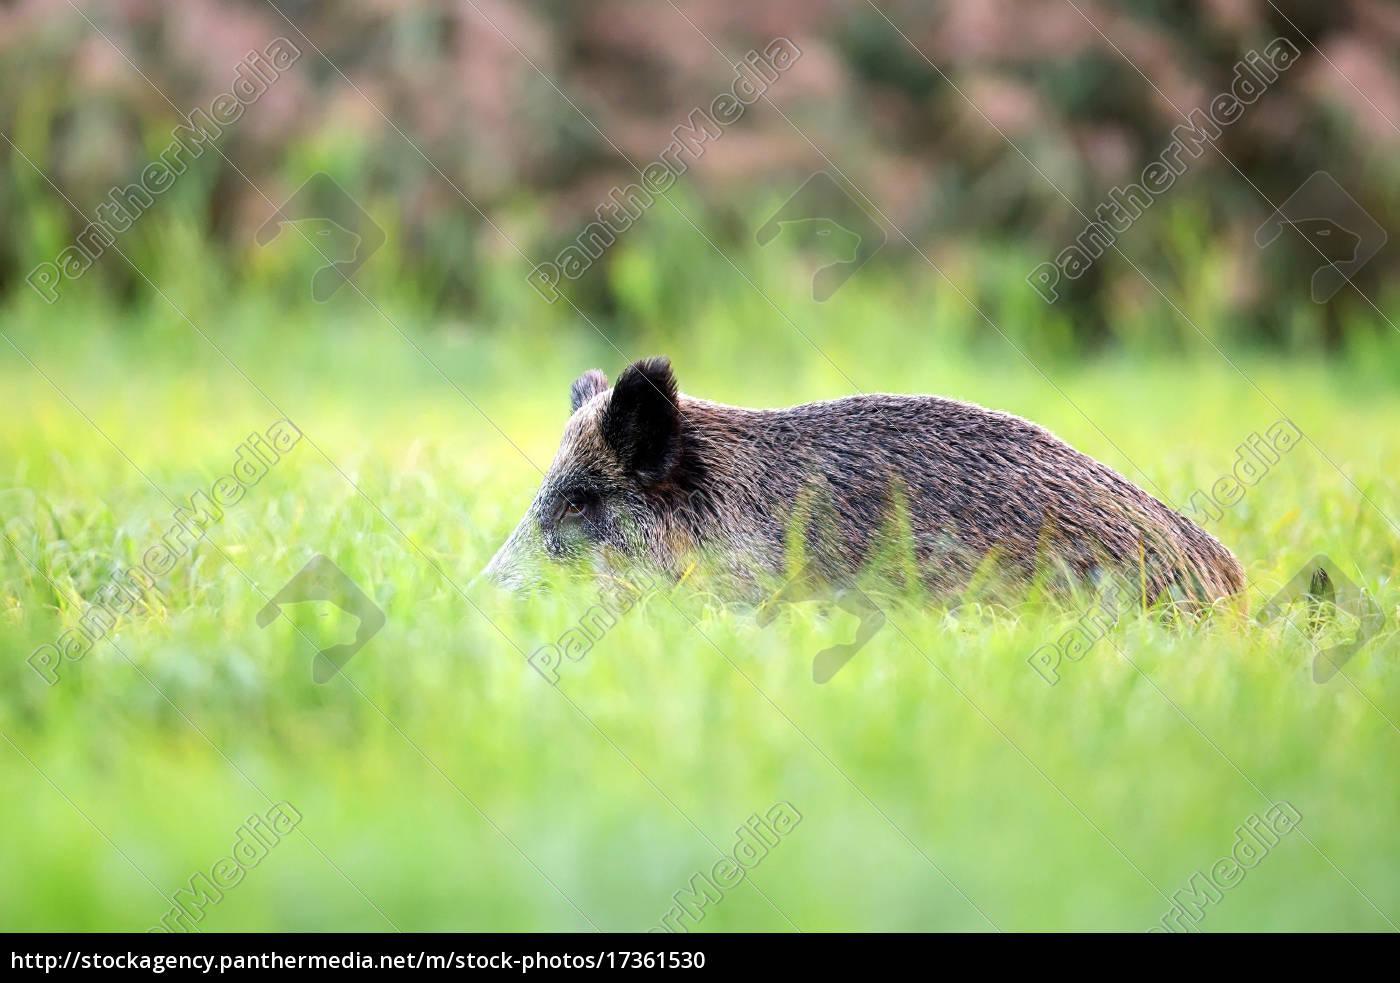 wildschweine, in, freier, wildbahn, - 17361530